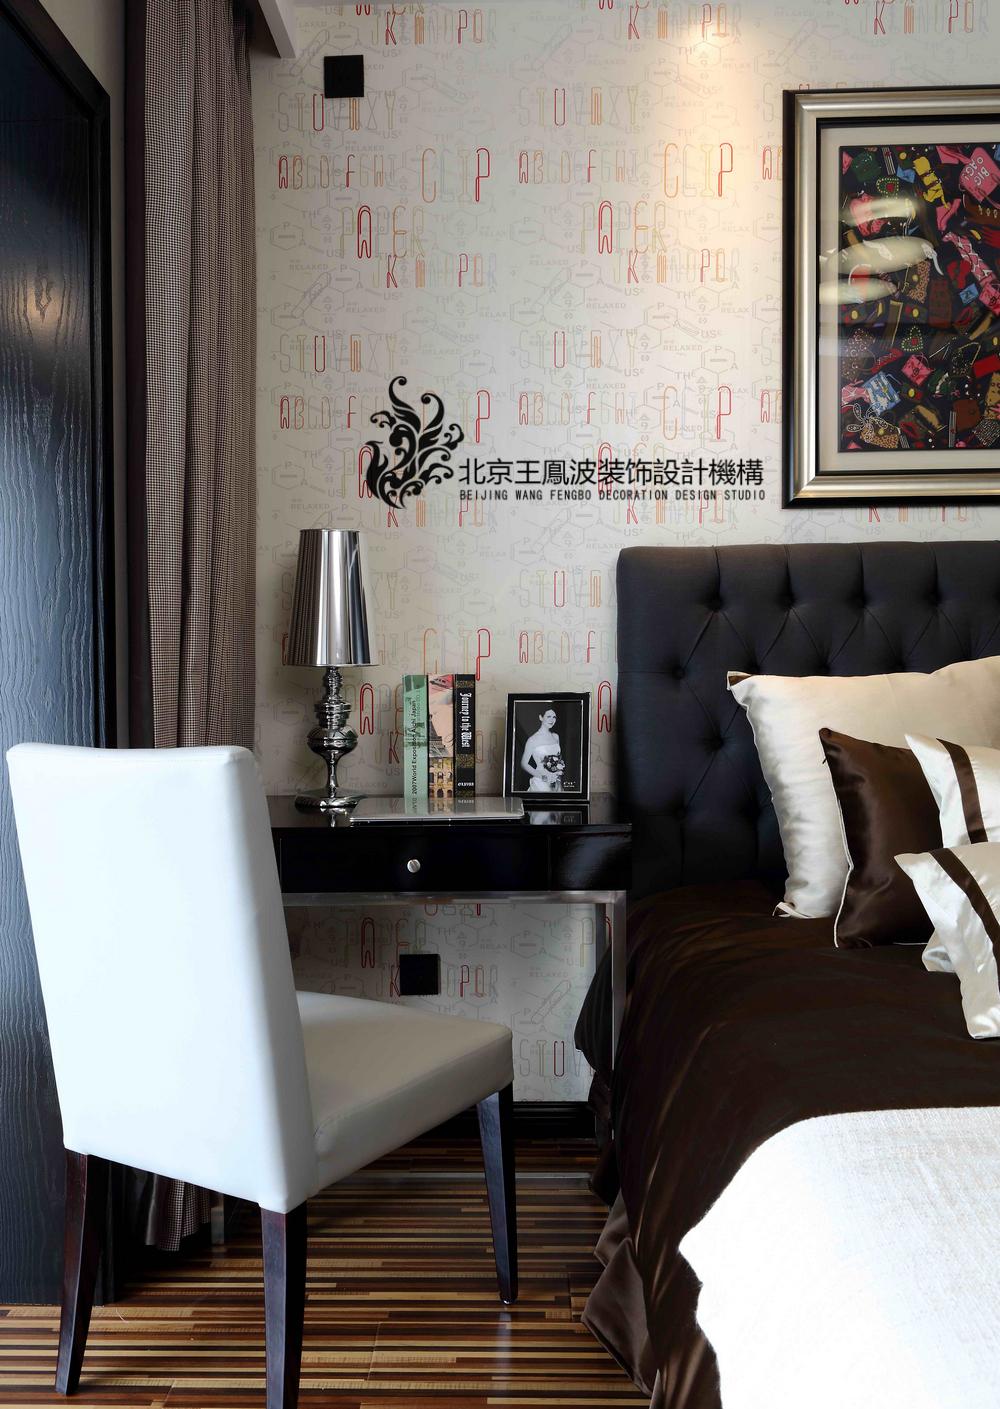 德式简约风格的三居室Loft公寓